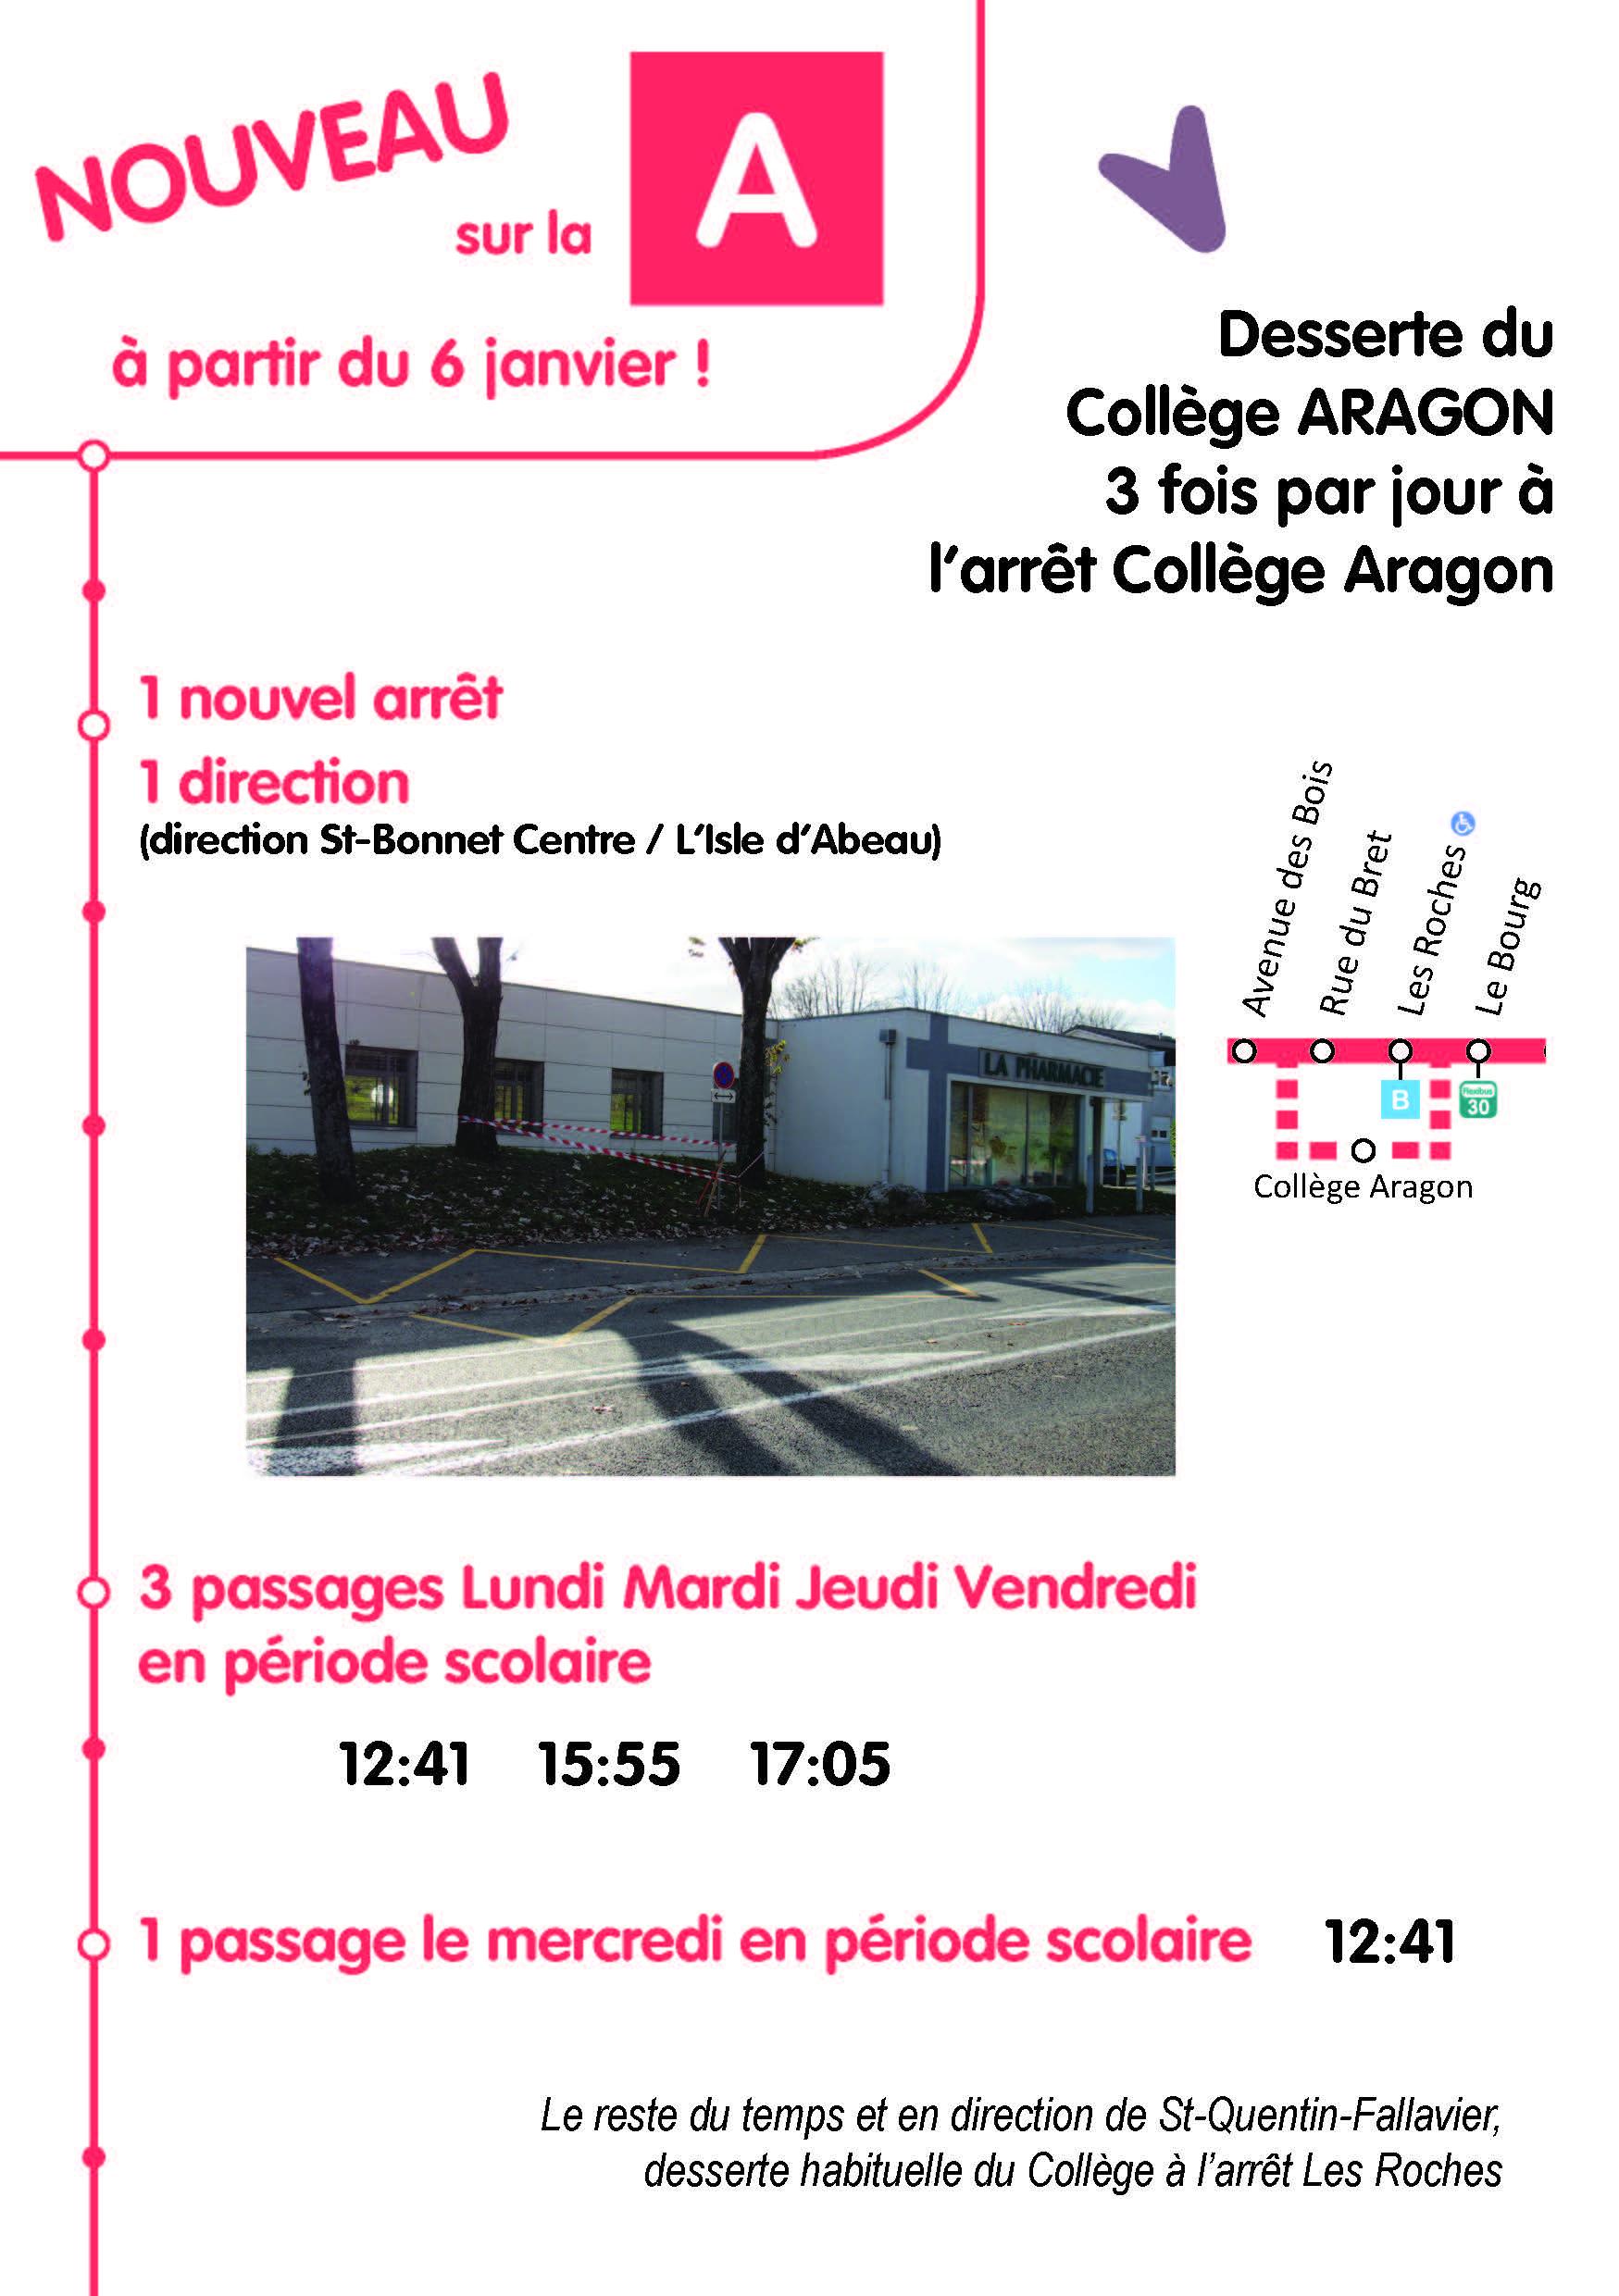 Desserte-College-Aragon-ligne-A